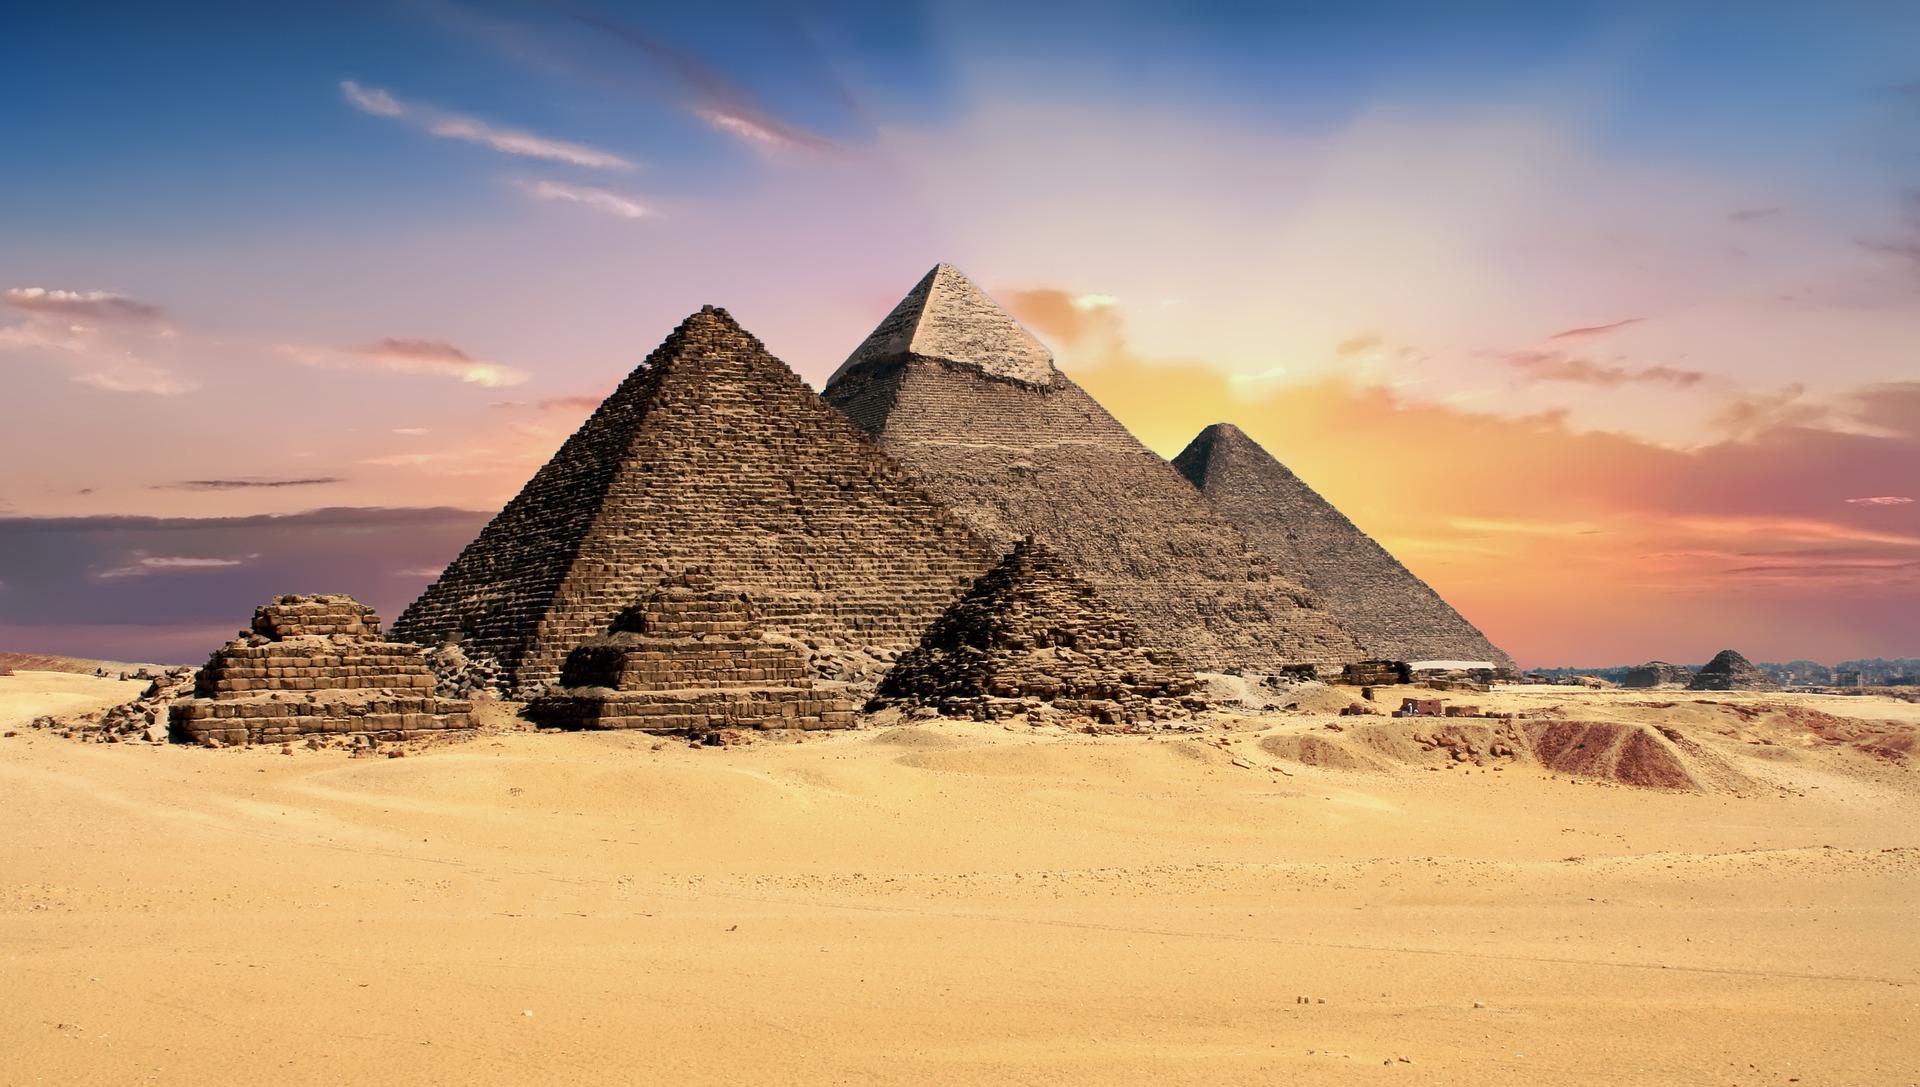 pyramids-2159286_1920